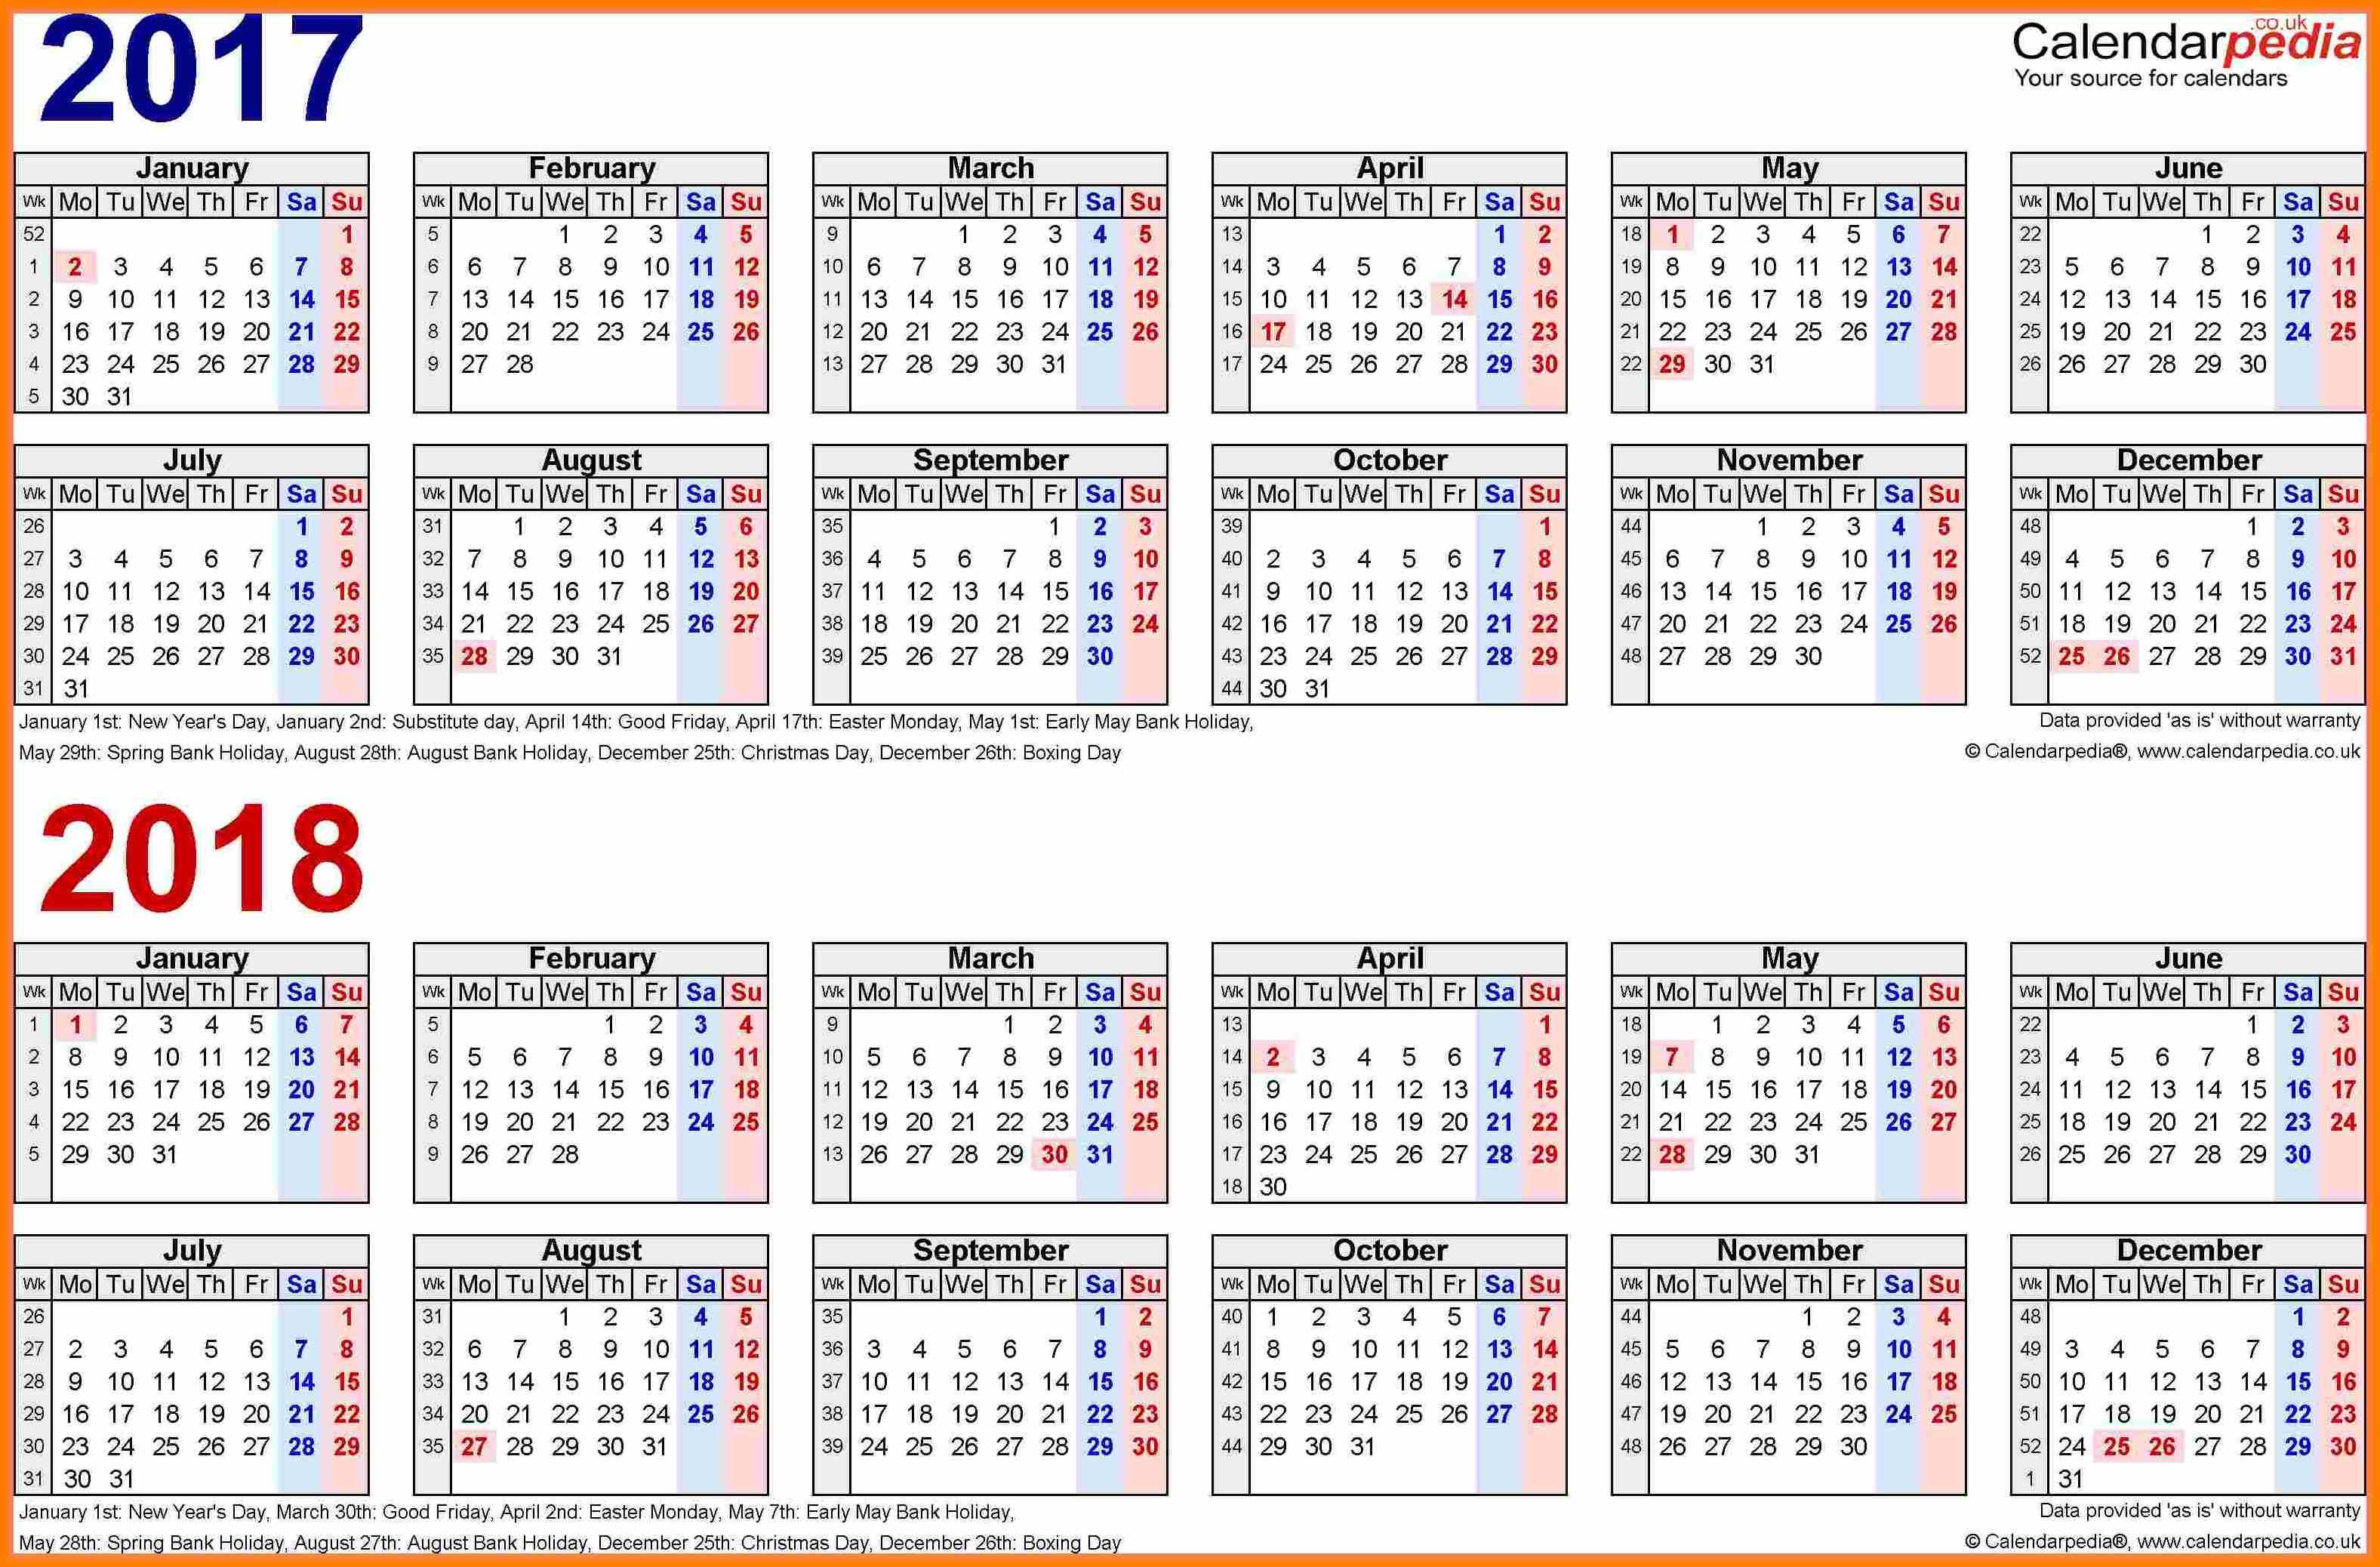 2018 biweekly payroll calendar template Ideal.vistalist.co